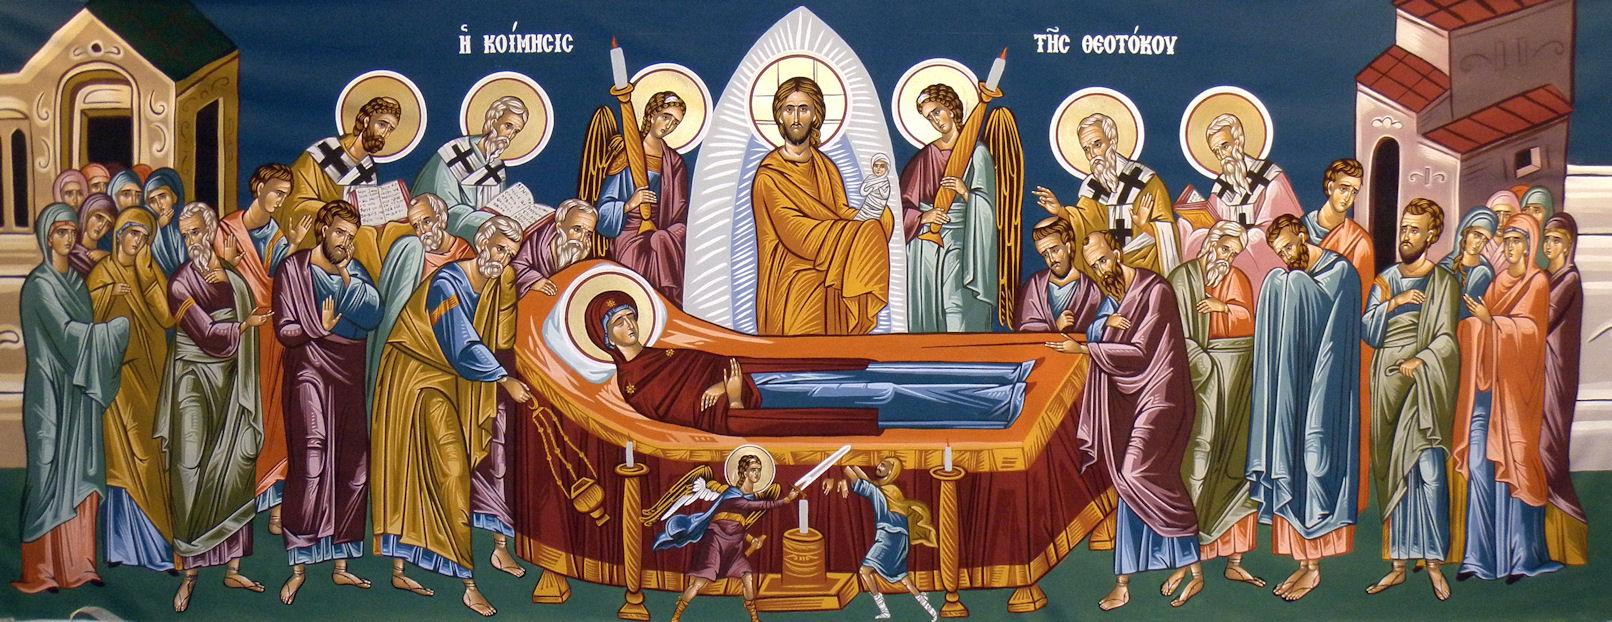 15 Αυγούστου - Κοίμηση της Θεοτόκου